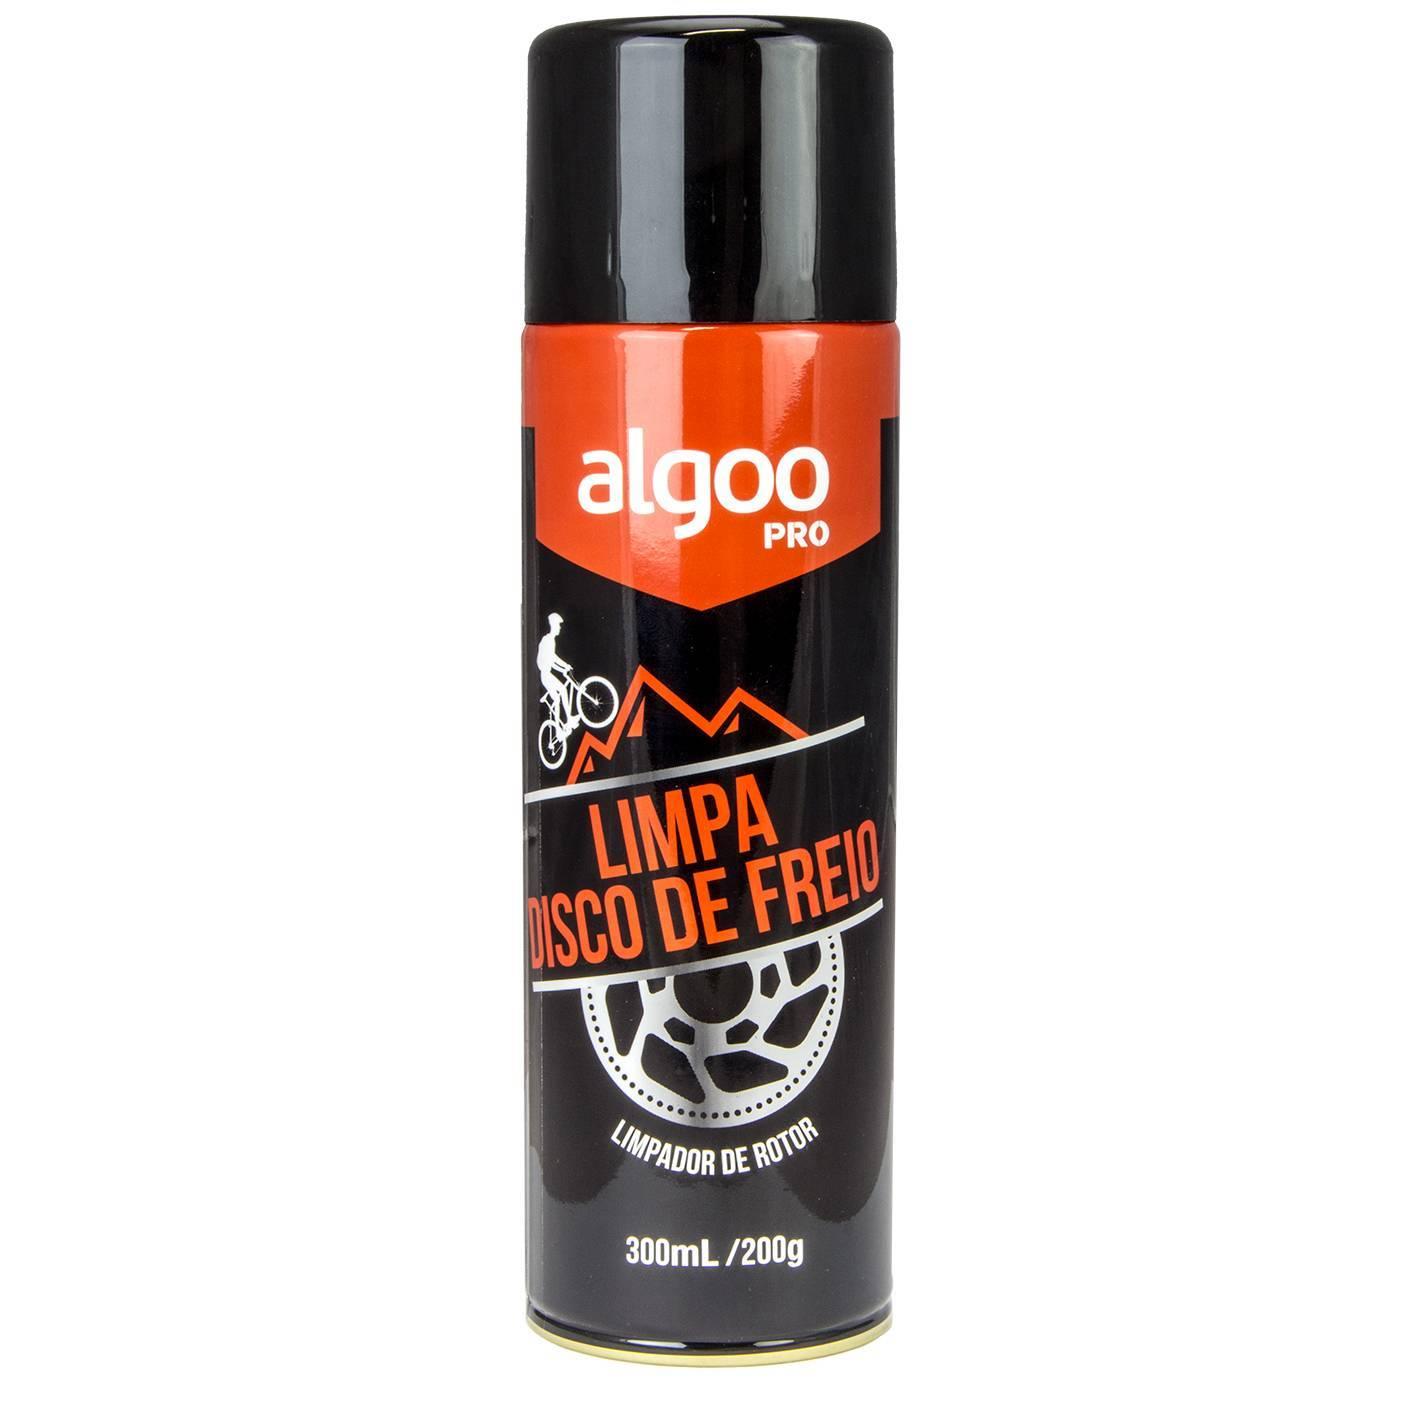 Limpa Disco de Freio Algoo PRO Spray 300ml - BIKE ALLA CARTE